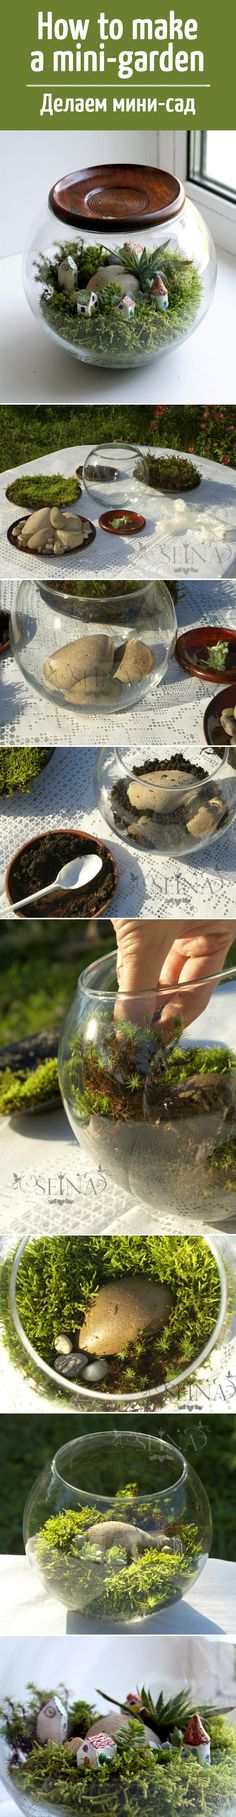 Haw to make a mini-garden / Как сделать мини-сад #мастеркласс #ручнаяработа #вдохновение #сделайсам #diy #handmade #inspiration